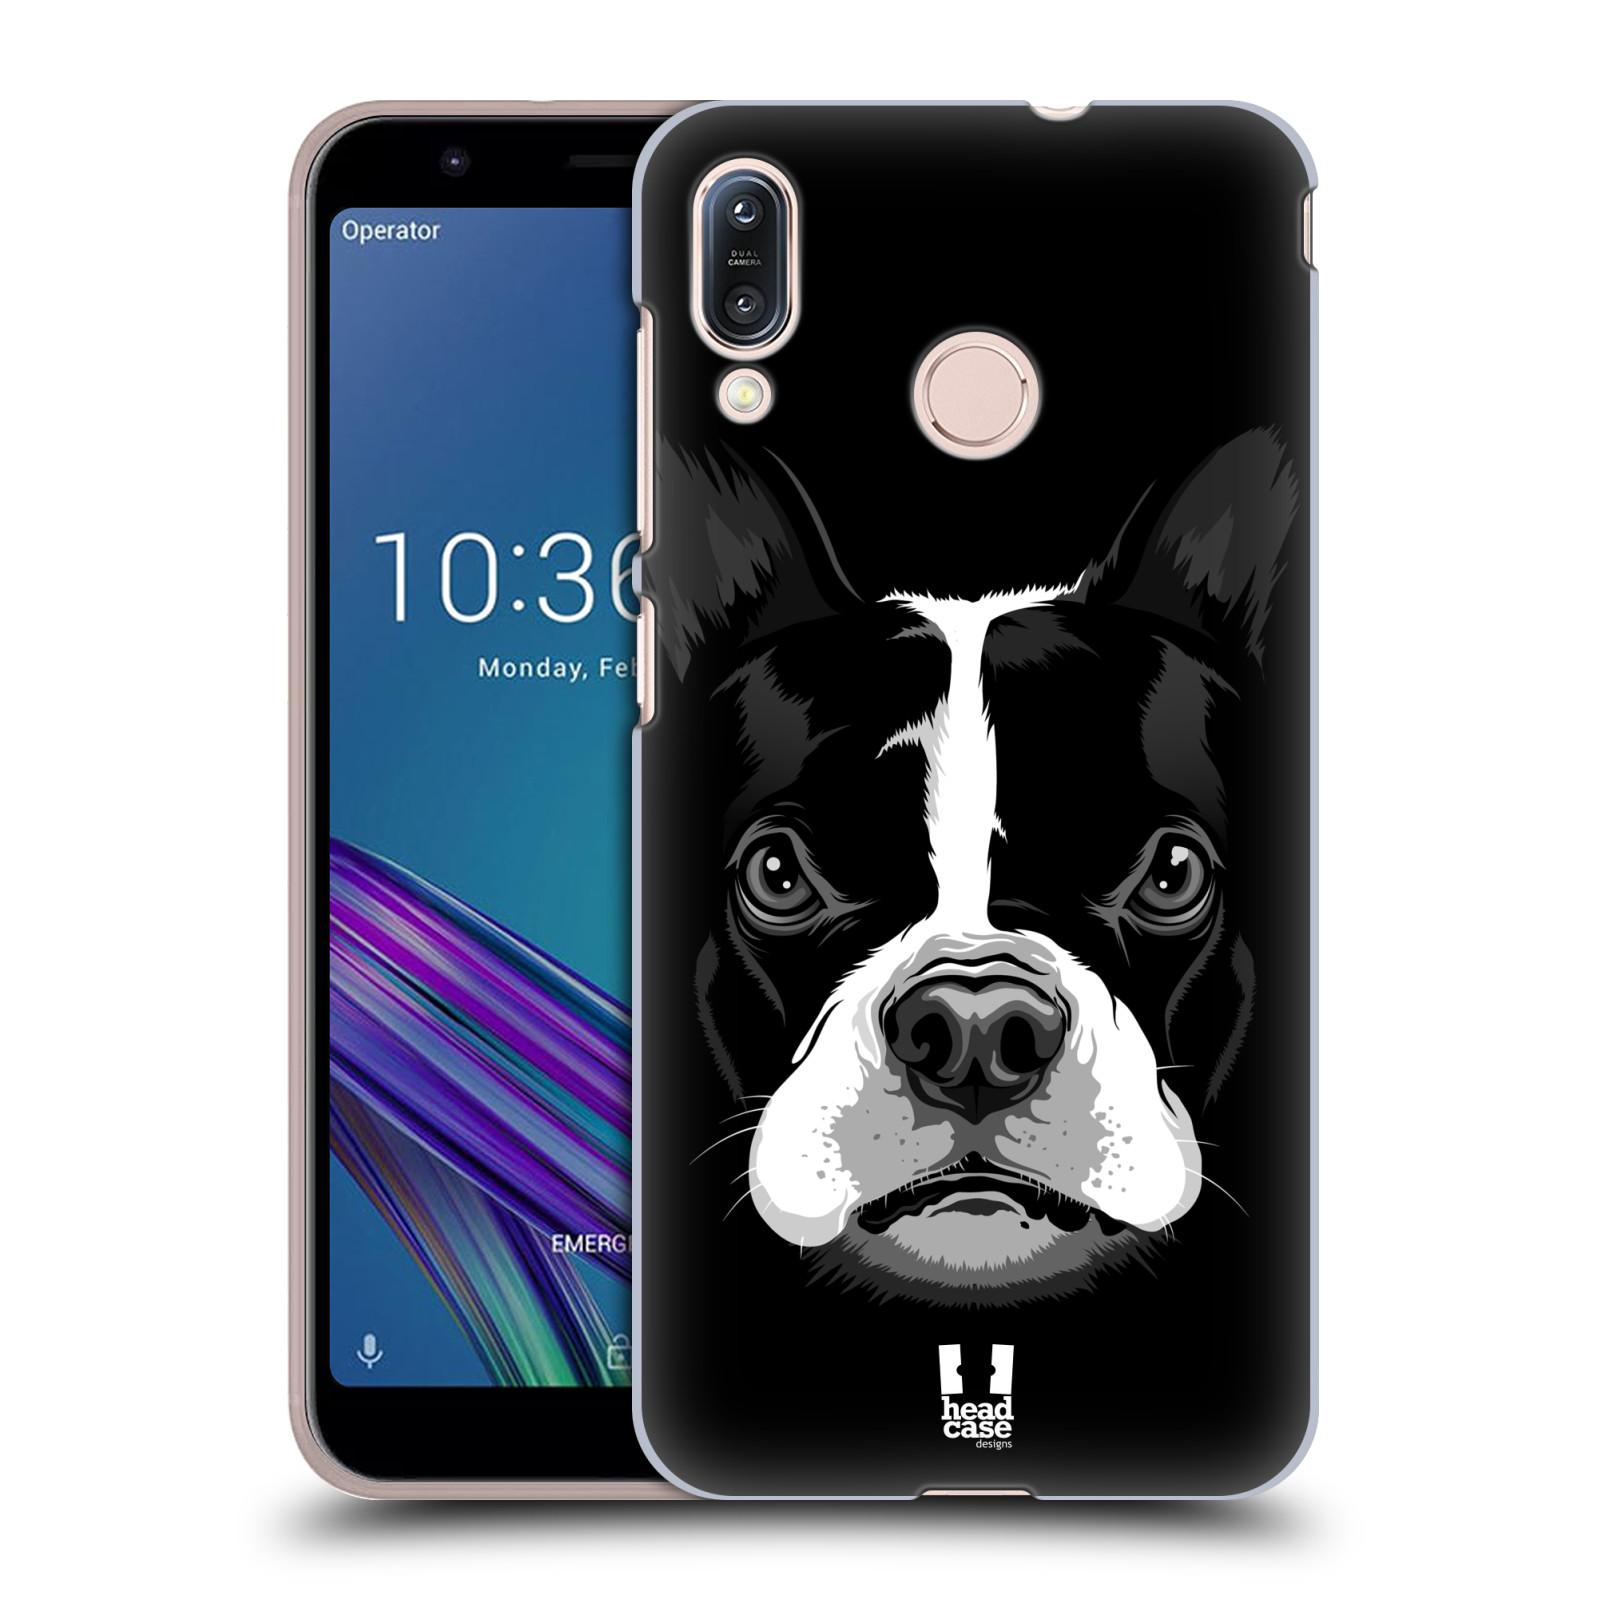 Pouzdro na mobil Asus Zenfone Max M1 (ZB555KL) - HEAD CASE - vzor Zvíře kreslená tvář 2 buldok